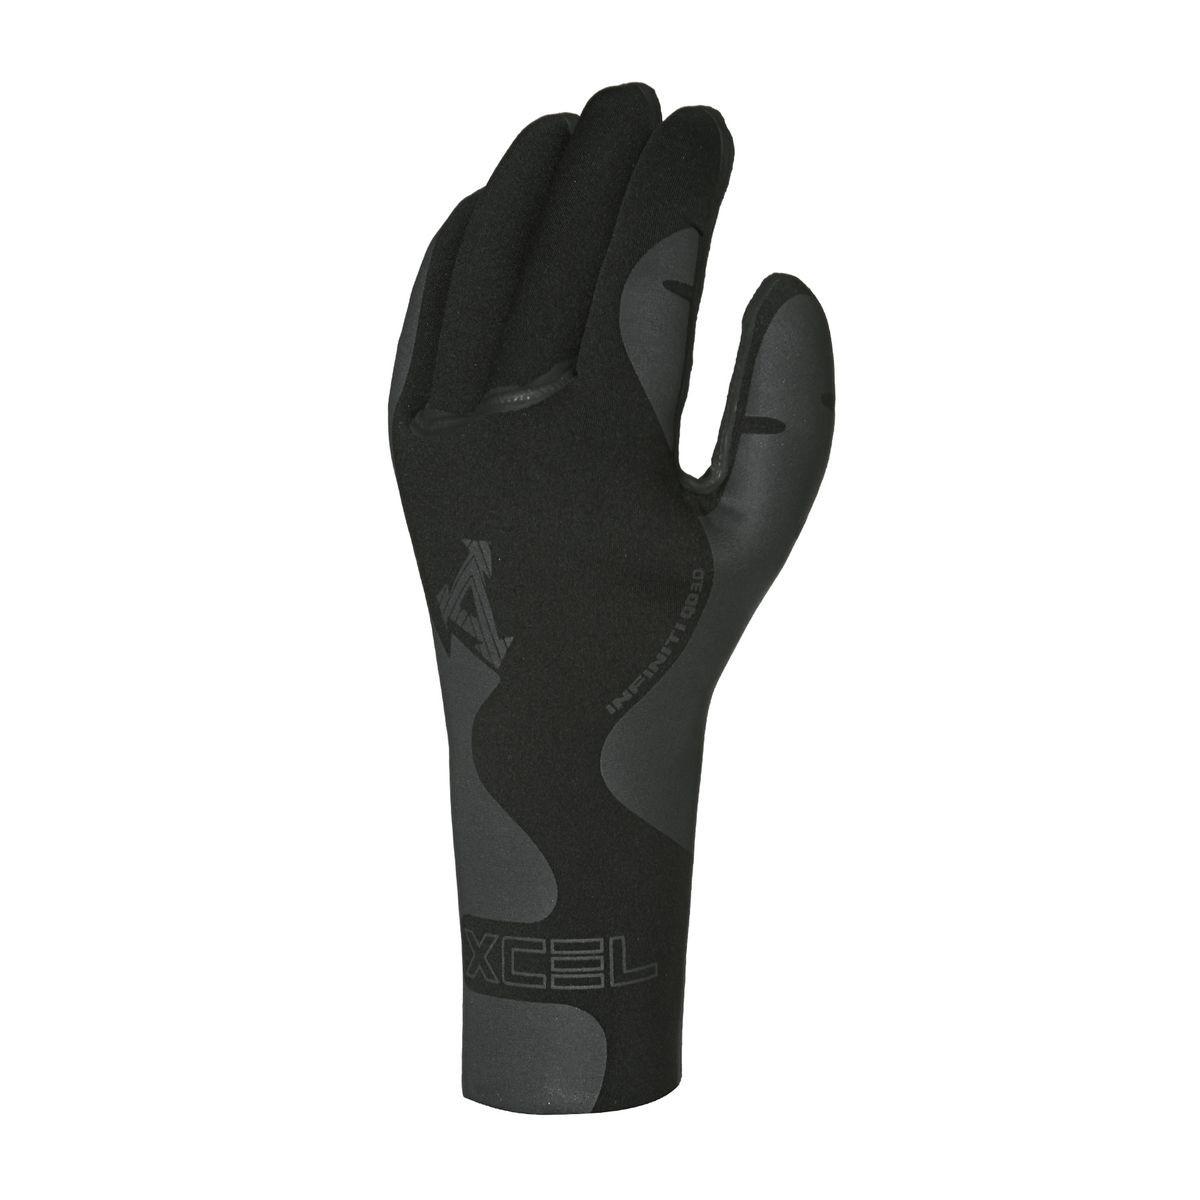 Xcel Infiniti 3mm 5-finger Wetsuit Gloves - Black